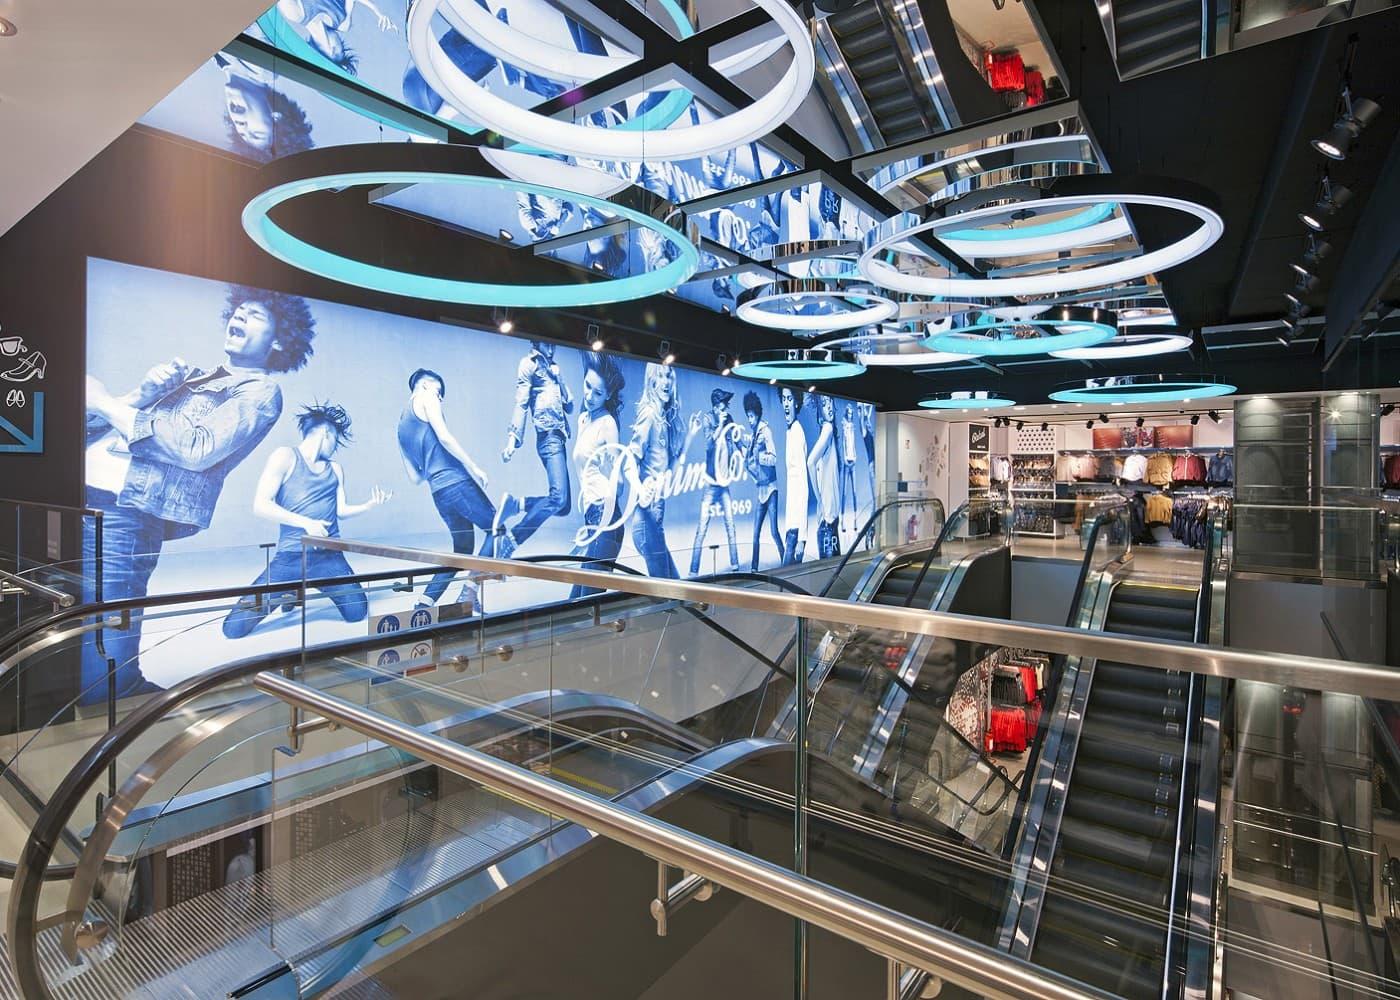 retail lighting design: Primark escalators